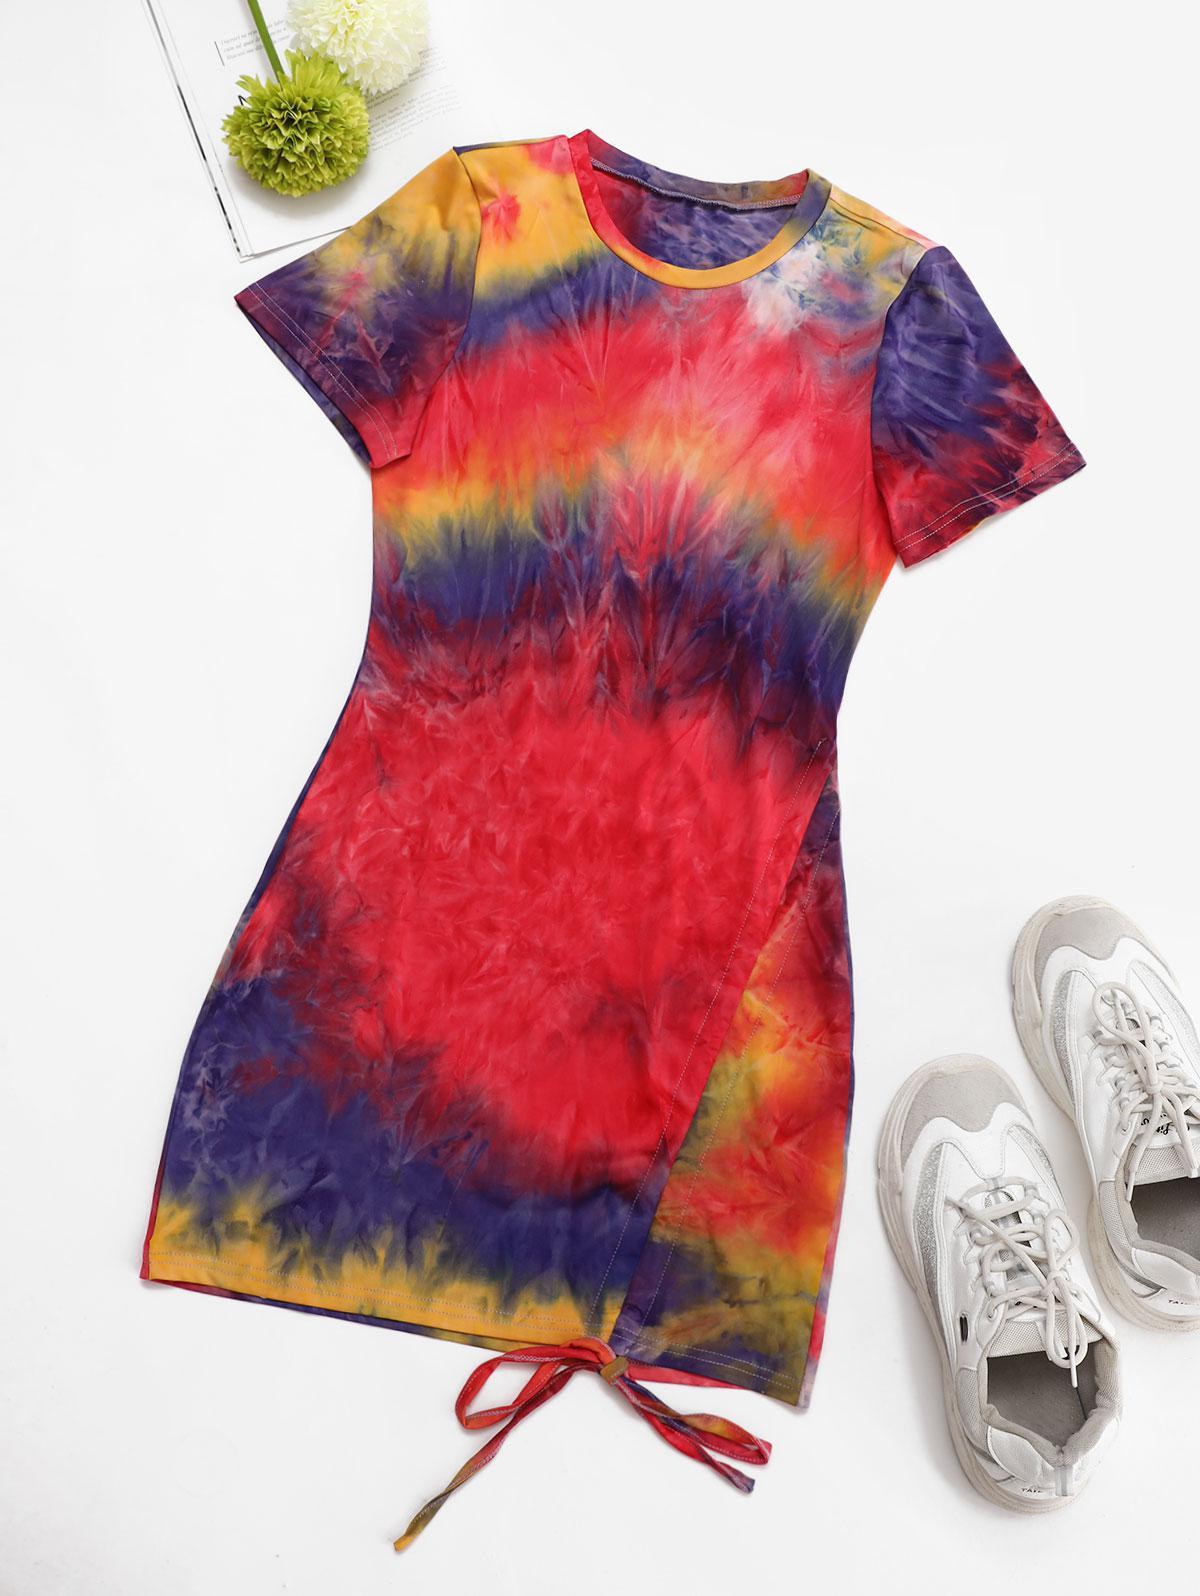 Robe Plissée Teintée Colorée L - Zaful FR - Modalova